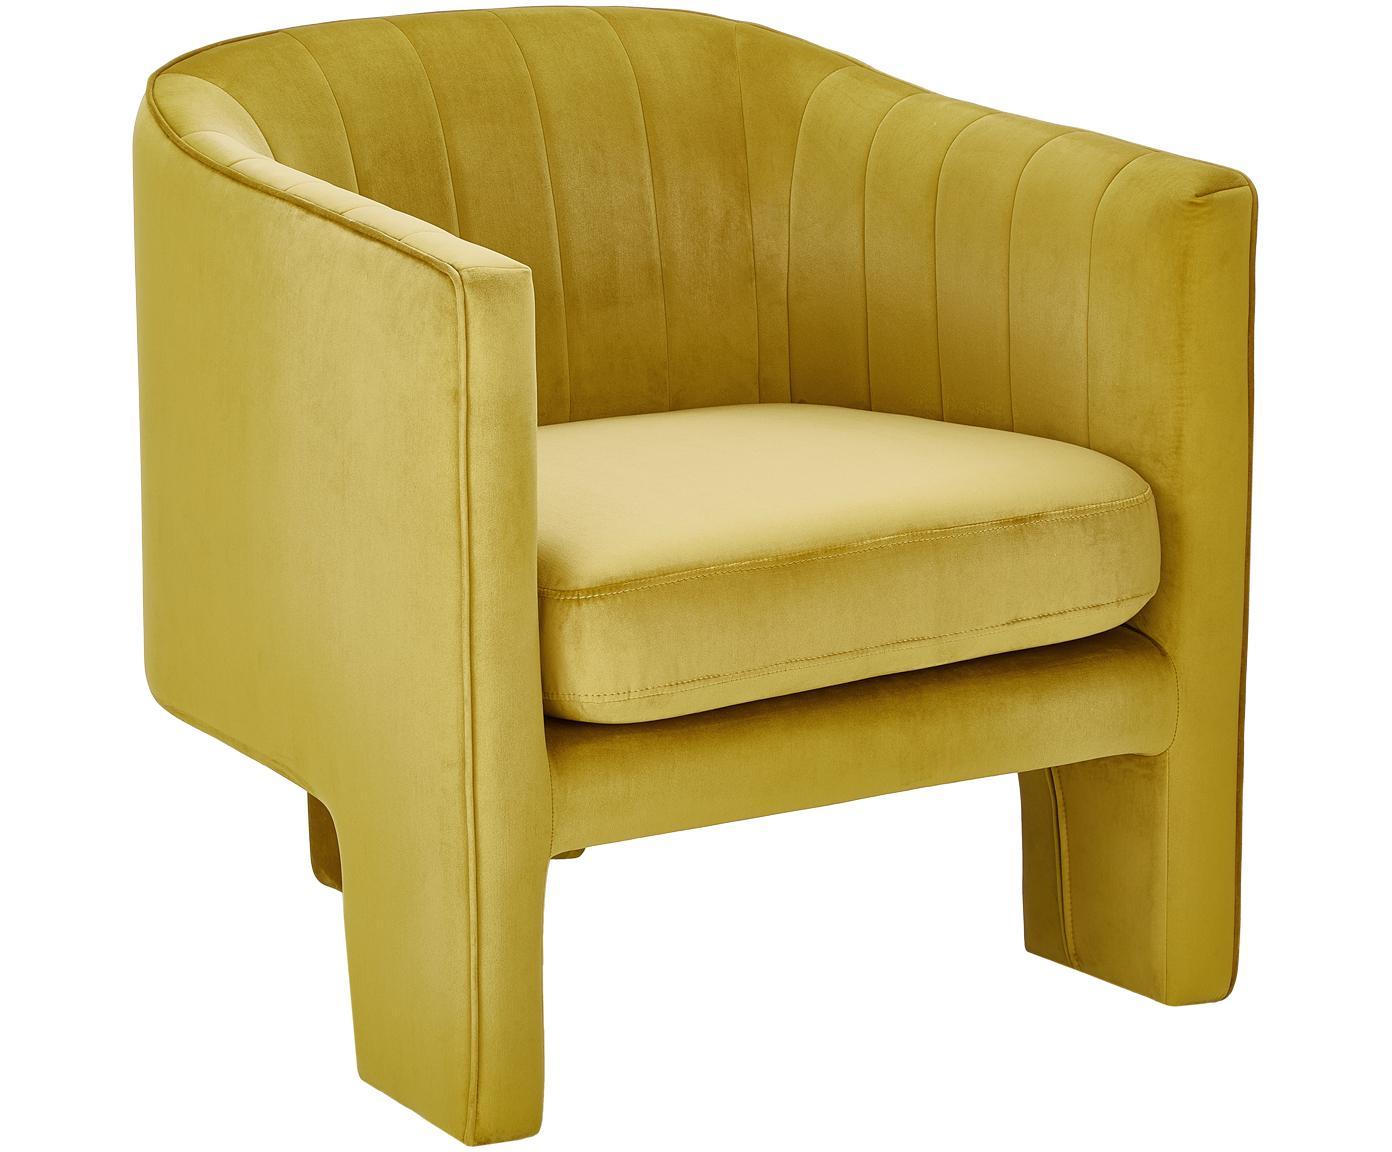 Fotel z aksamitu Emilie, Tapicerka: aksamit (poliester) 2600, Aksamitny ochrowy, S 75 x G 76 cm